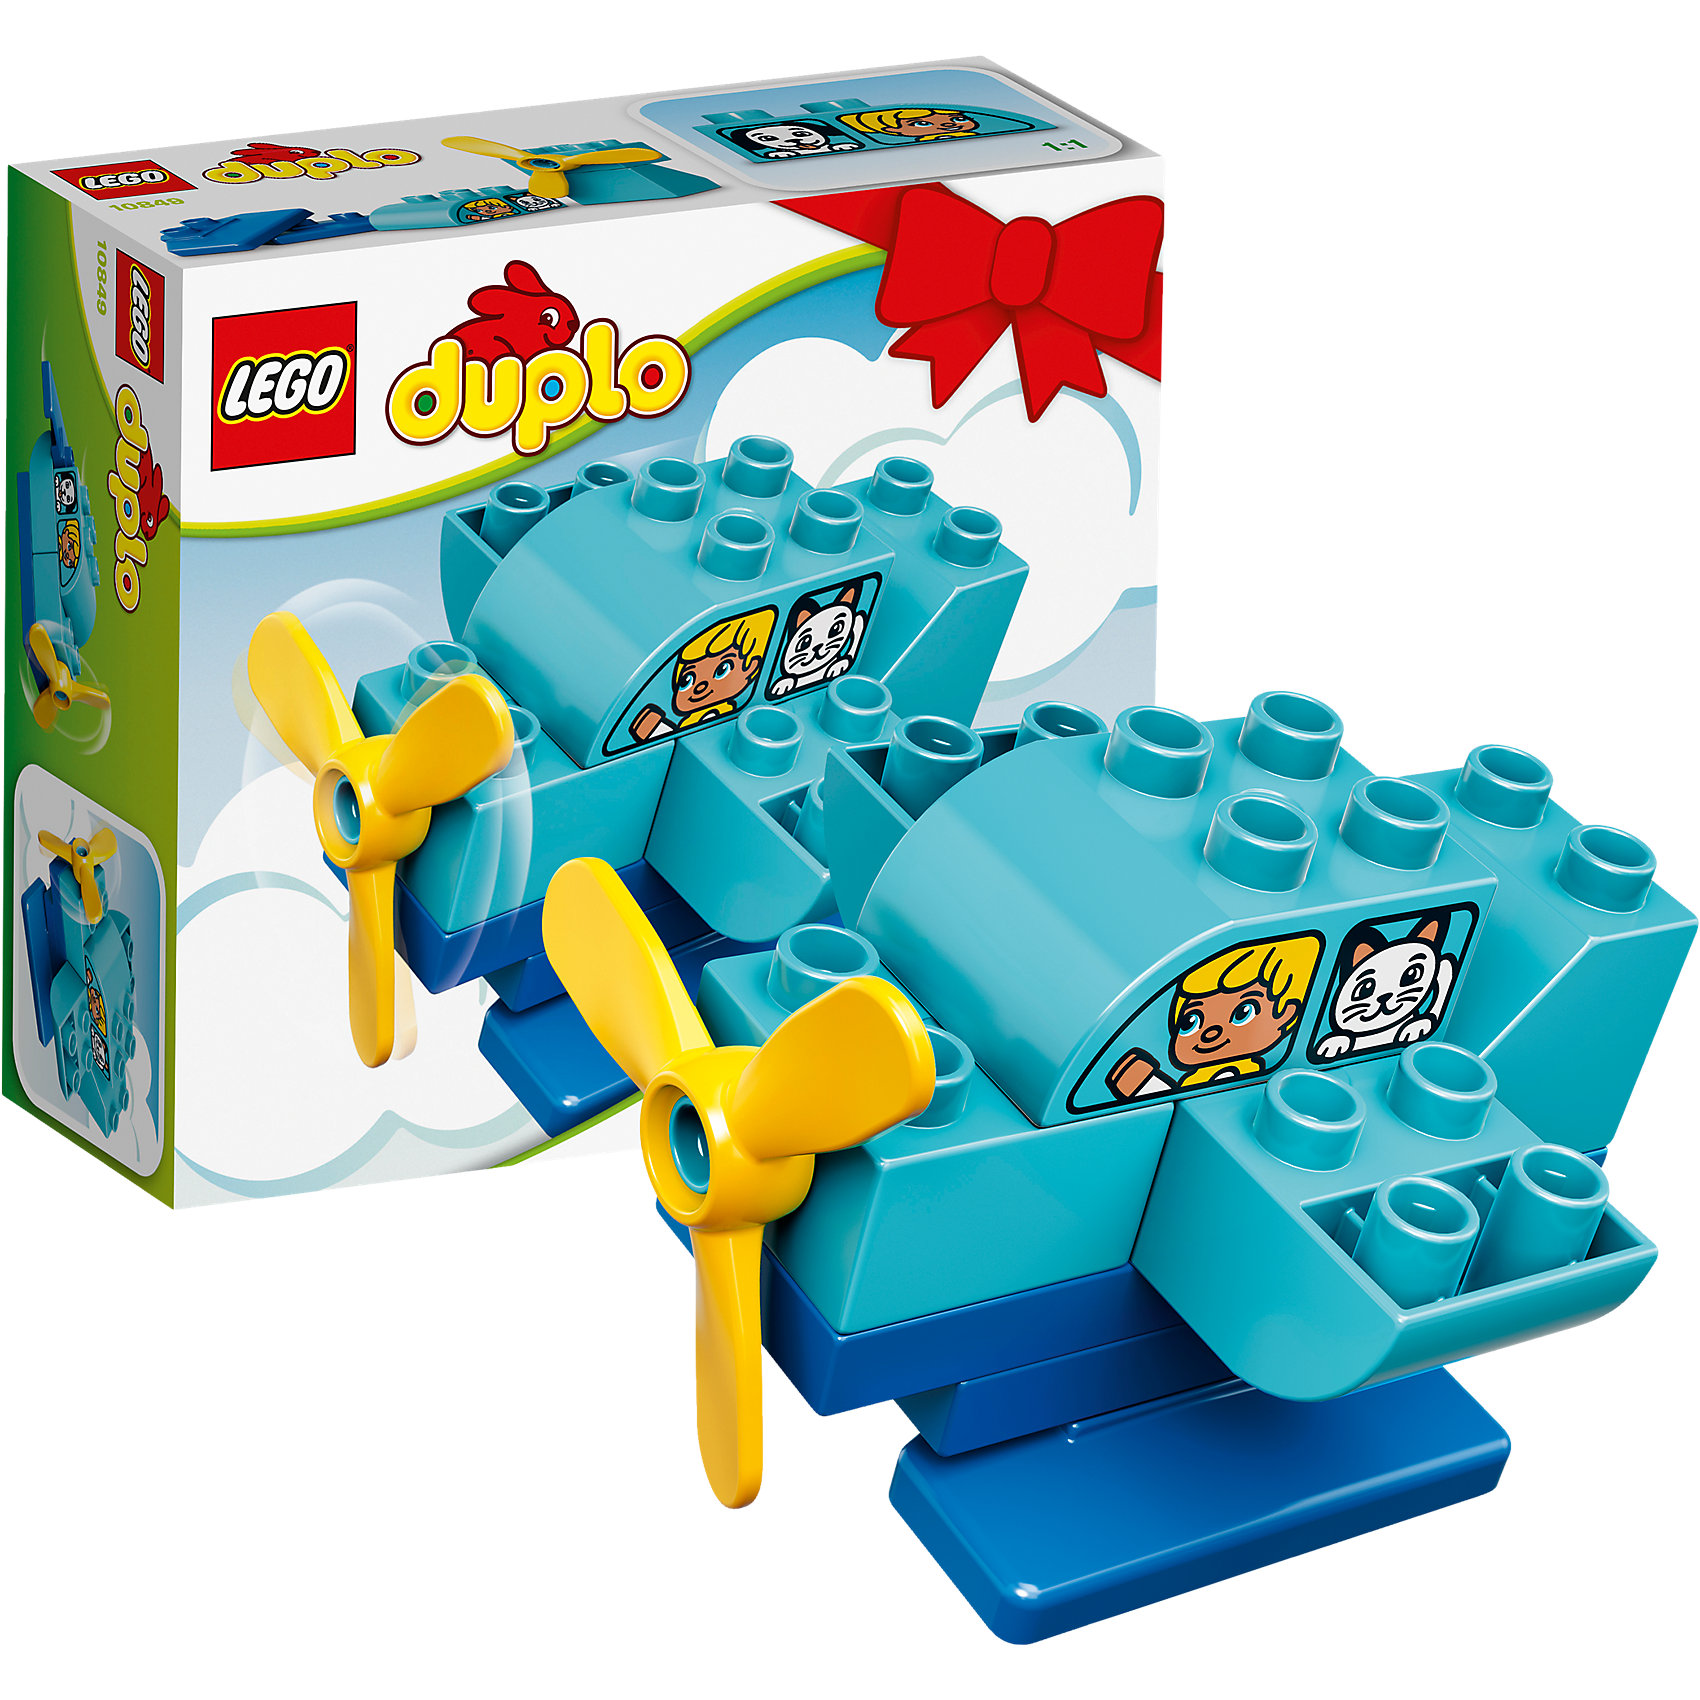 LEGO DUPLO 10849: Мой первый самолётПластмассовые конструкторы<br>LEGO DUPLO 10849: Мой первый самолёт<br><br>Характеристики:<br><br>- в набор входит: детали самолета, инструкция<br>- состав: пластик<br>- количество деталей: 10<br>- для детей в возрасте: от 1,5 до 3 лет<br>- Страна производитель: Дания/Китай/Чехия/<br><br>Легендарный конструктор LEGO (ЛЕГО) представляет серию «DUPLO» (Д?пло) для самых маленьких. Крупные детали безопасны для малышей, а интересная тематика, возможность фантазировать, собирать из конструктора свои фигуры и играть в него приведут кроху в восторг! В этом небольшойм наборе представлен самолет с ребенком и кошечкой. Набор подойдет как первый конструктор малыша, так как изготовлен из качественного пластика и отлично детализирован. Пропеллер самолета крутится, что делает конструктор еще более интересным. Играя с этим конструктором ребенок сможет развить внимание, память, моторику ручек, а также творческие способности. <br><br>Конструктор  LEGO DUPLO 10849: Мой первый самолёт можно купить в нашем интернет-магазине.<br><br>Ширина мм: 159<br>Глубина мм: 142<br>Высота мм: 66<br>Вес г: 123<br>Возраст от месяцев: 12<br>Возраст до месяцев: 36<br>Пол: Мужской<br>Возраст: Детский<br>SKU: 5002514